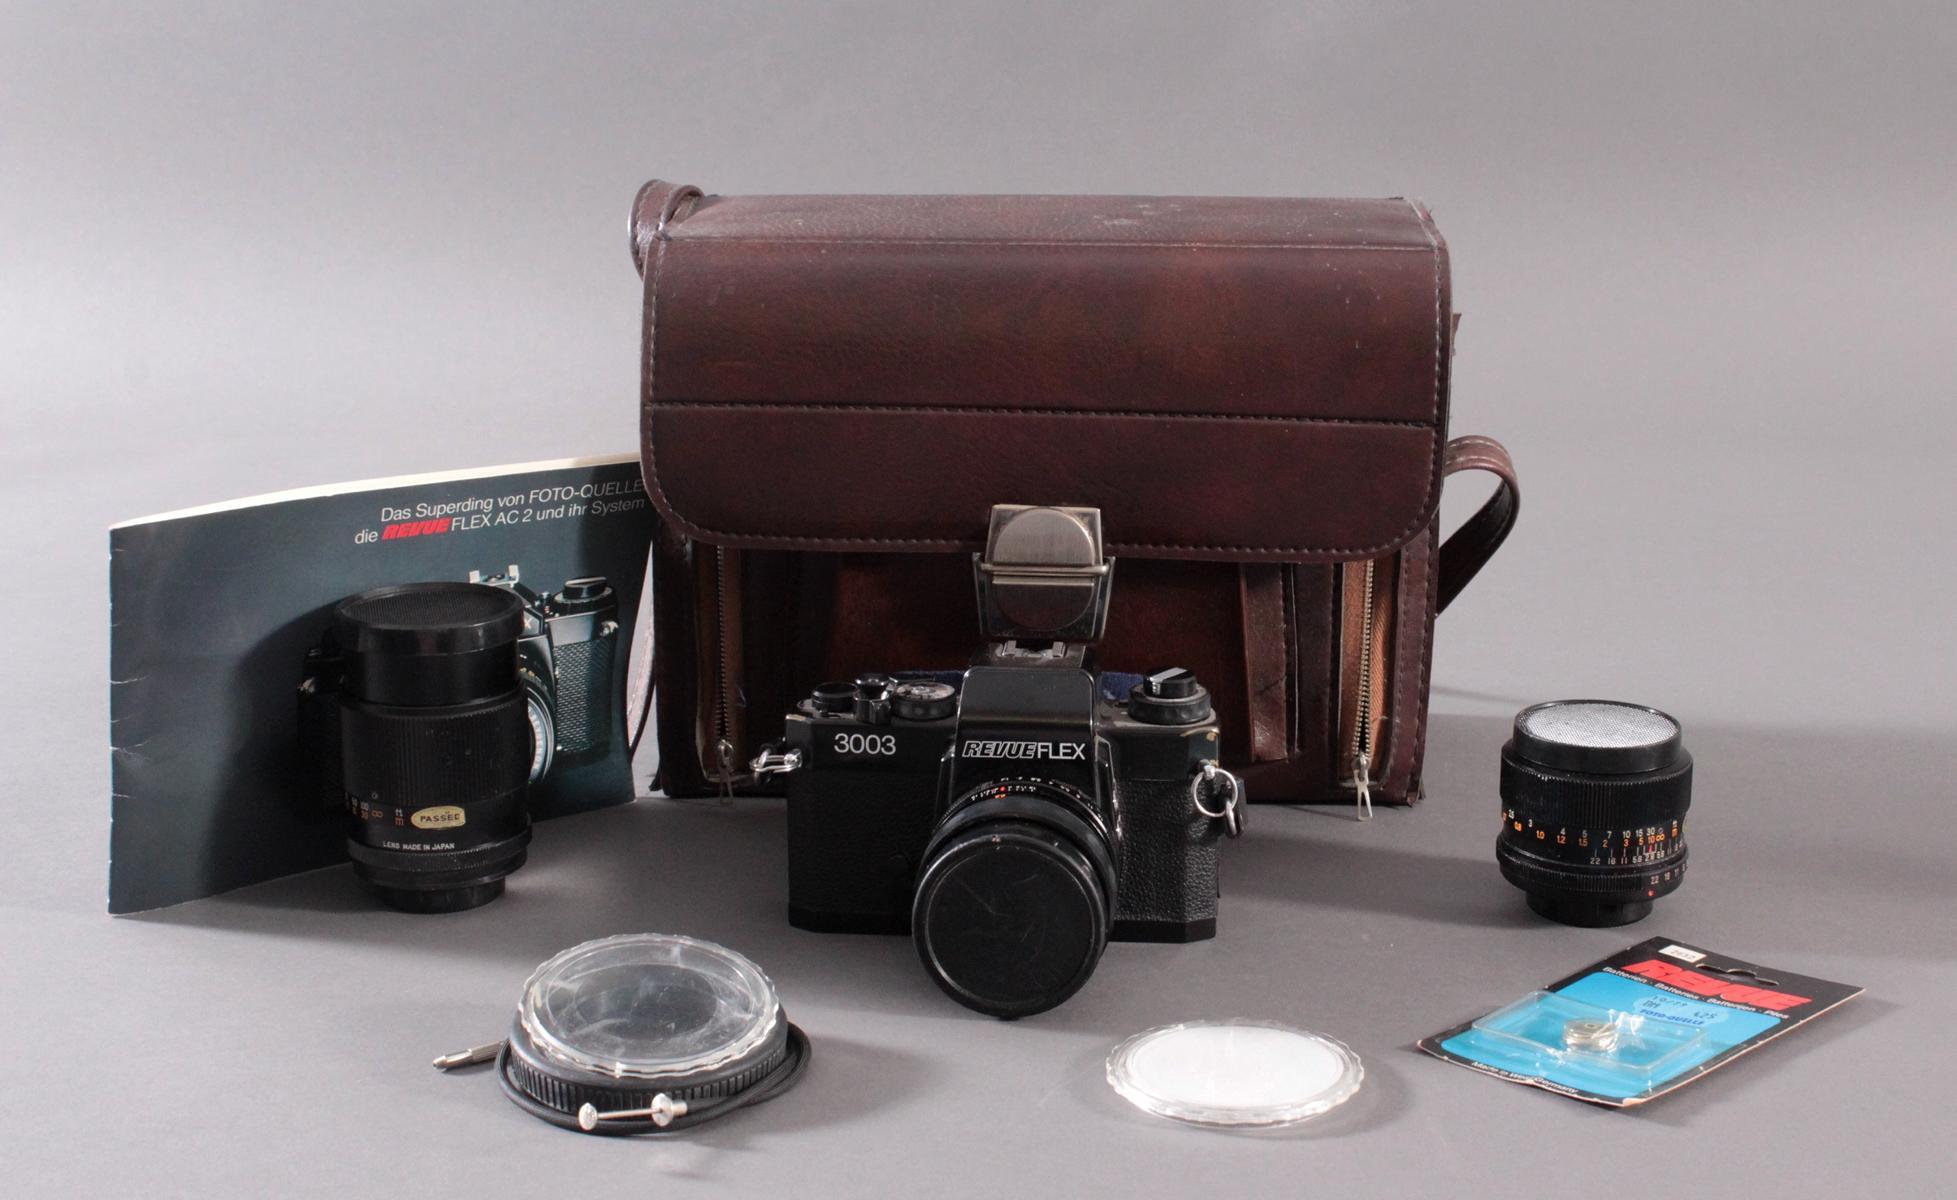 Revueflex 3003 mit Zubehör und Fototasche